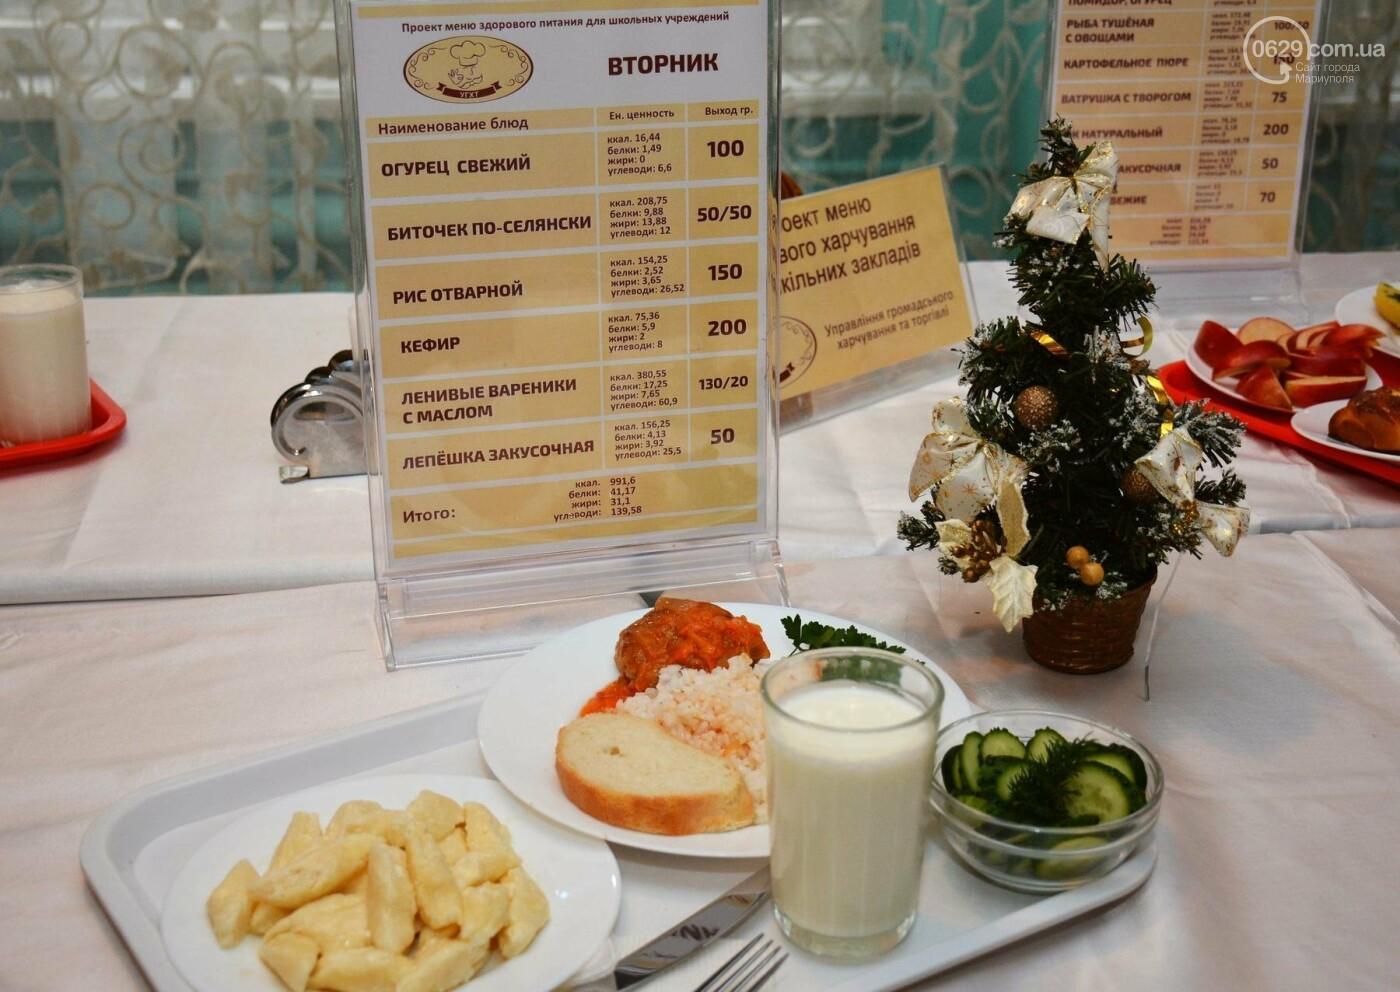 Больше молочных и мясных блюд, свежих овощей и фруктов: в ОШ № 15 представили обновленное меню для школьников., фото-8